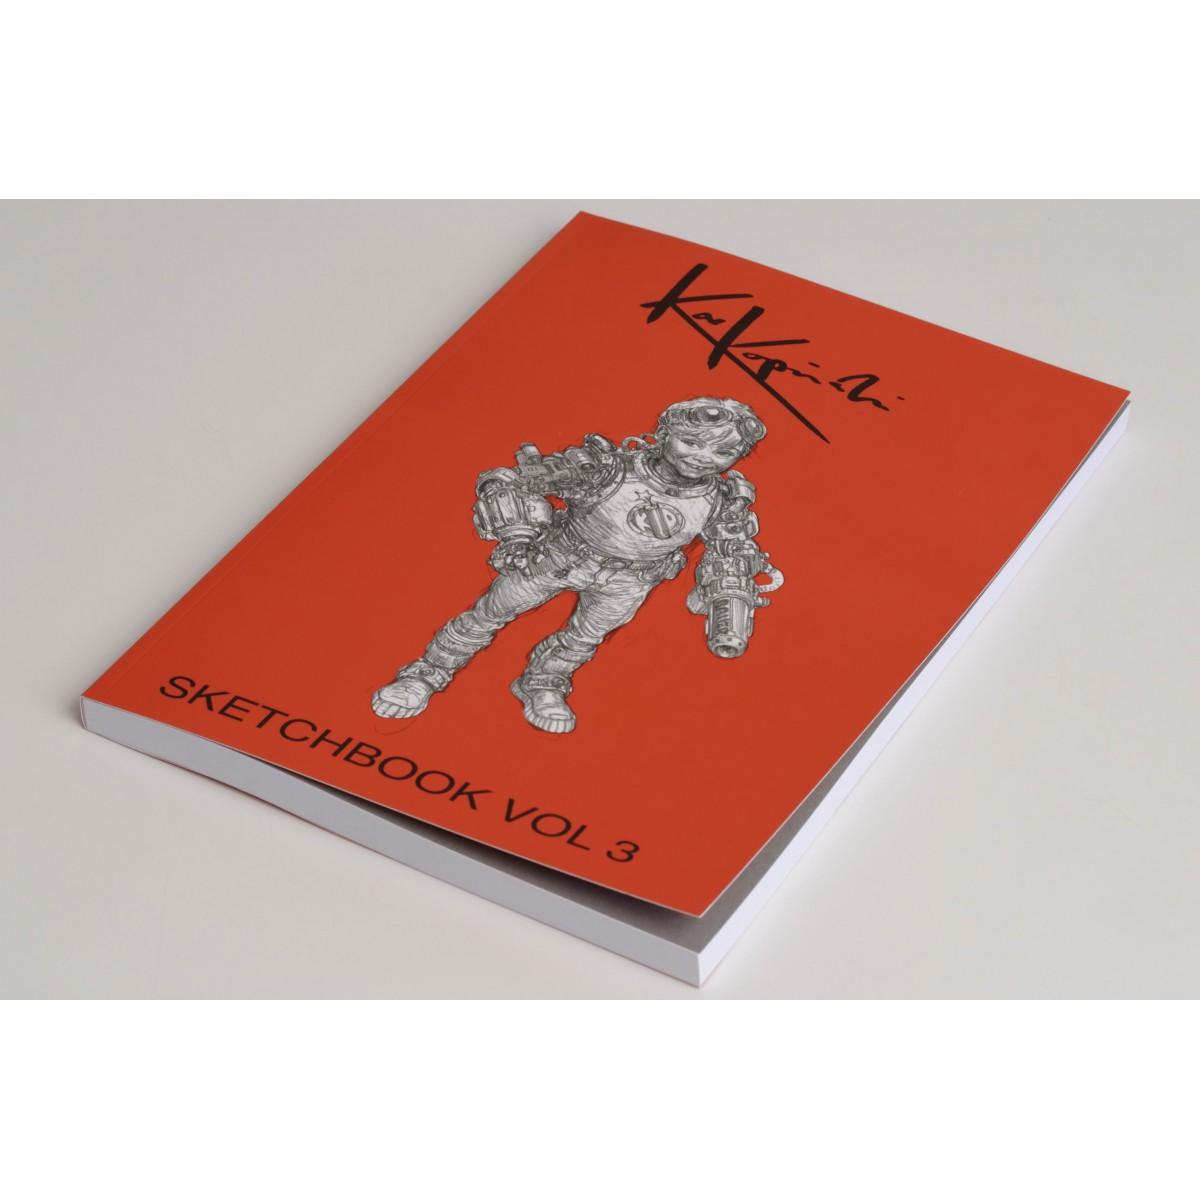 Karl Kopinski - Sketchbook Vol 3